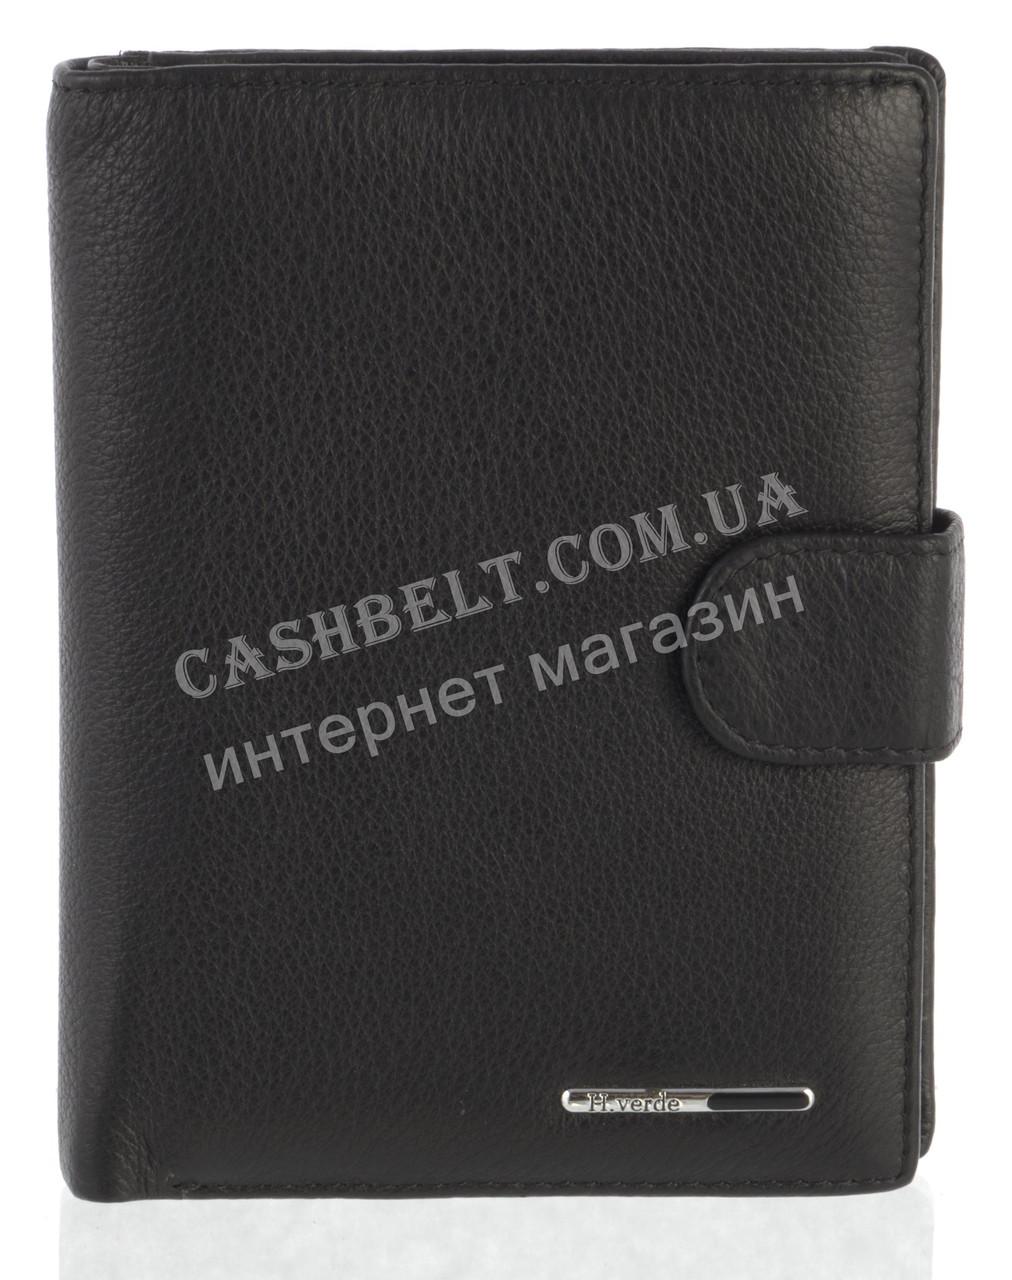 Прочное стильное кожаное мужское портмоне бумажник с документницей из мягкой кожи H.VERDE art. 2130 черный